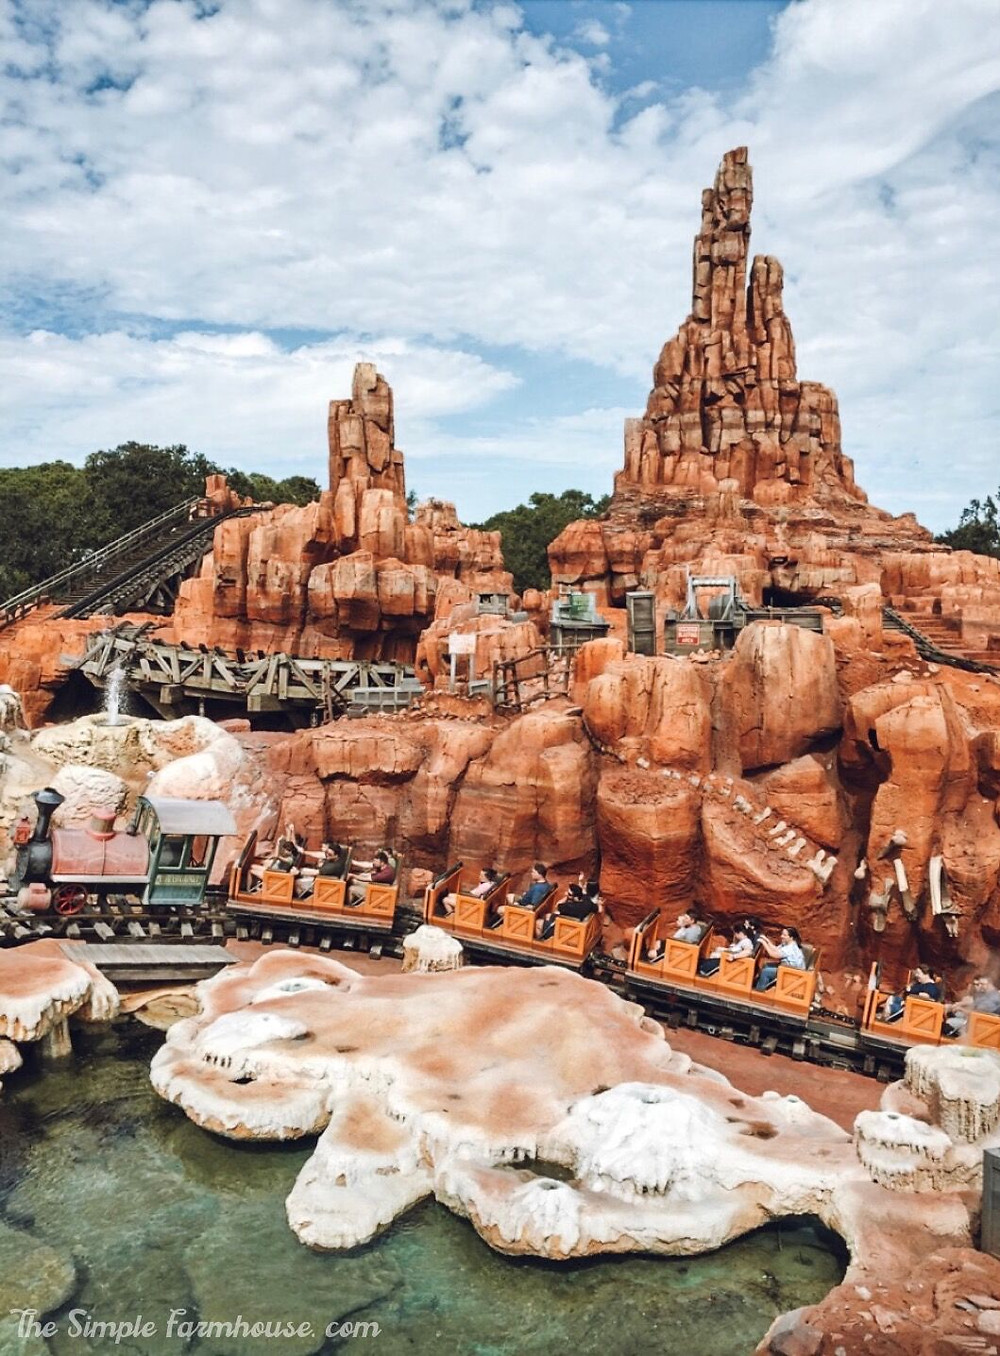 big thunder mountain, disney world, magic kingdom, travel, florida, the simple famrhouse